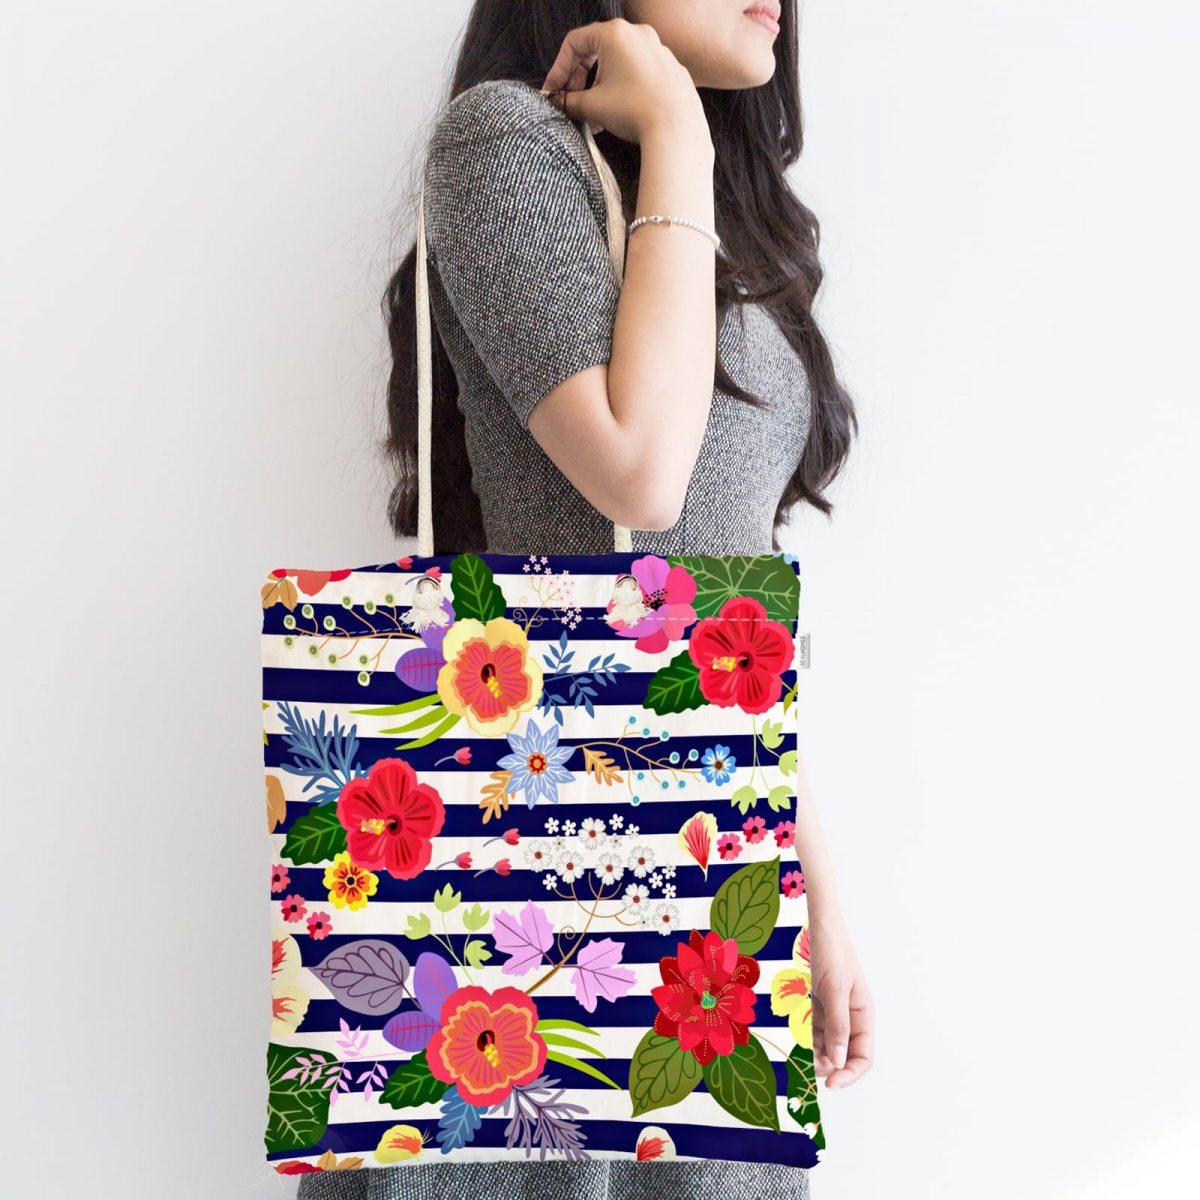 Mavi Çizgili Çiçek Desenli Özel Tasarım Dijital Baskılı Fermuarlı Kumaş Çanta Realhomes